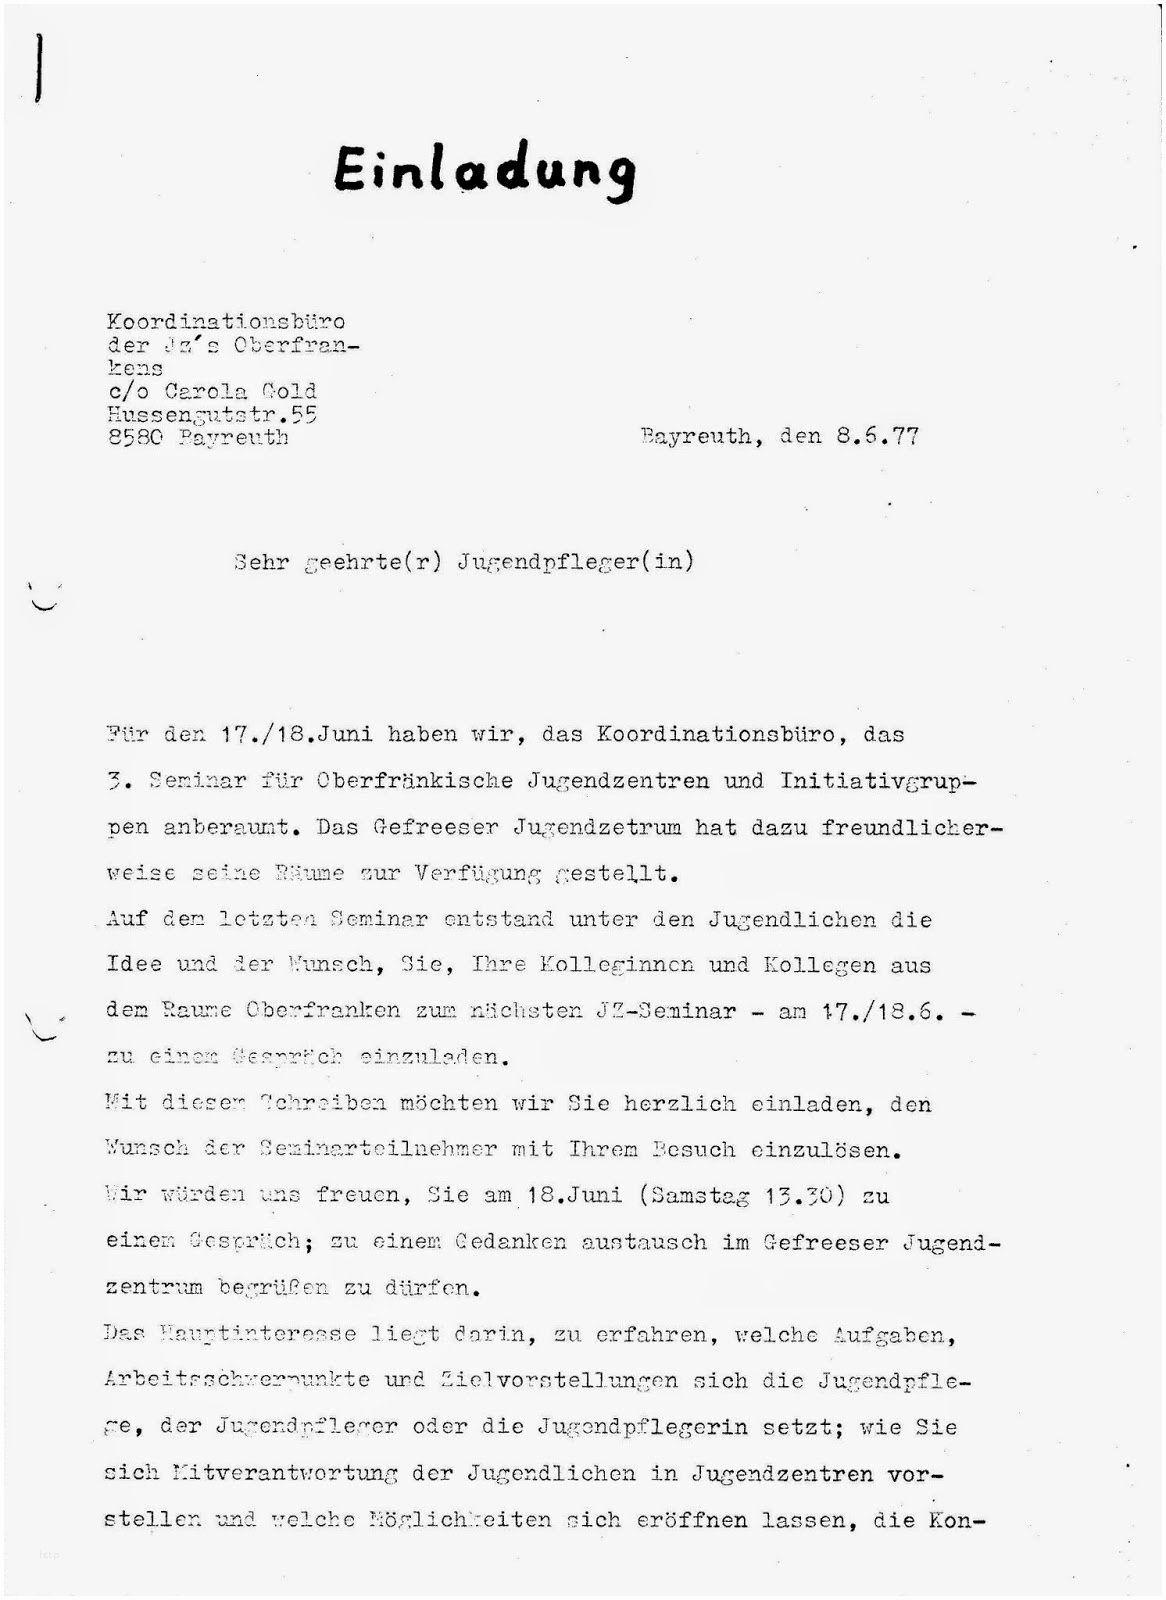 Einladung für visum nach deutschland düsseldorf einladung für ausländer nach deutschland dresden einladung für visum nach